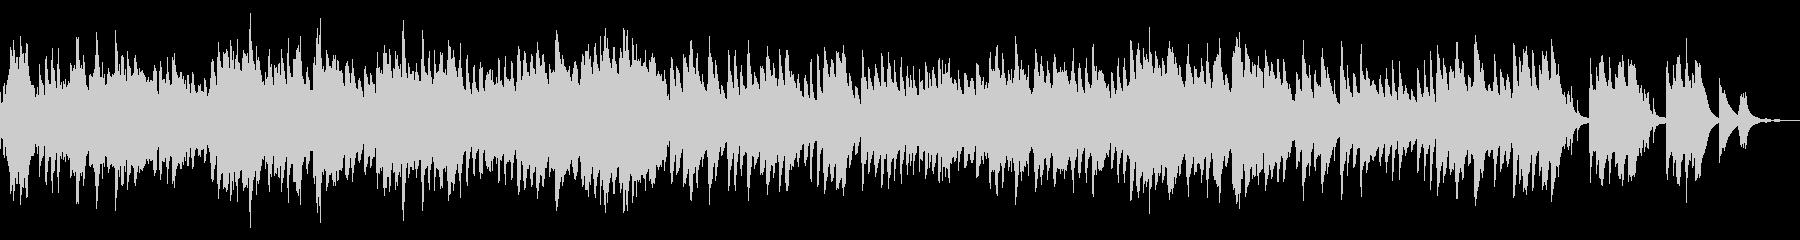 静かでゆったりヒーリングクラシック1 の未再生の波形